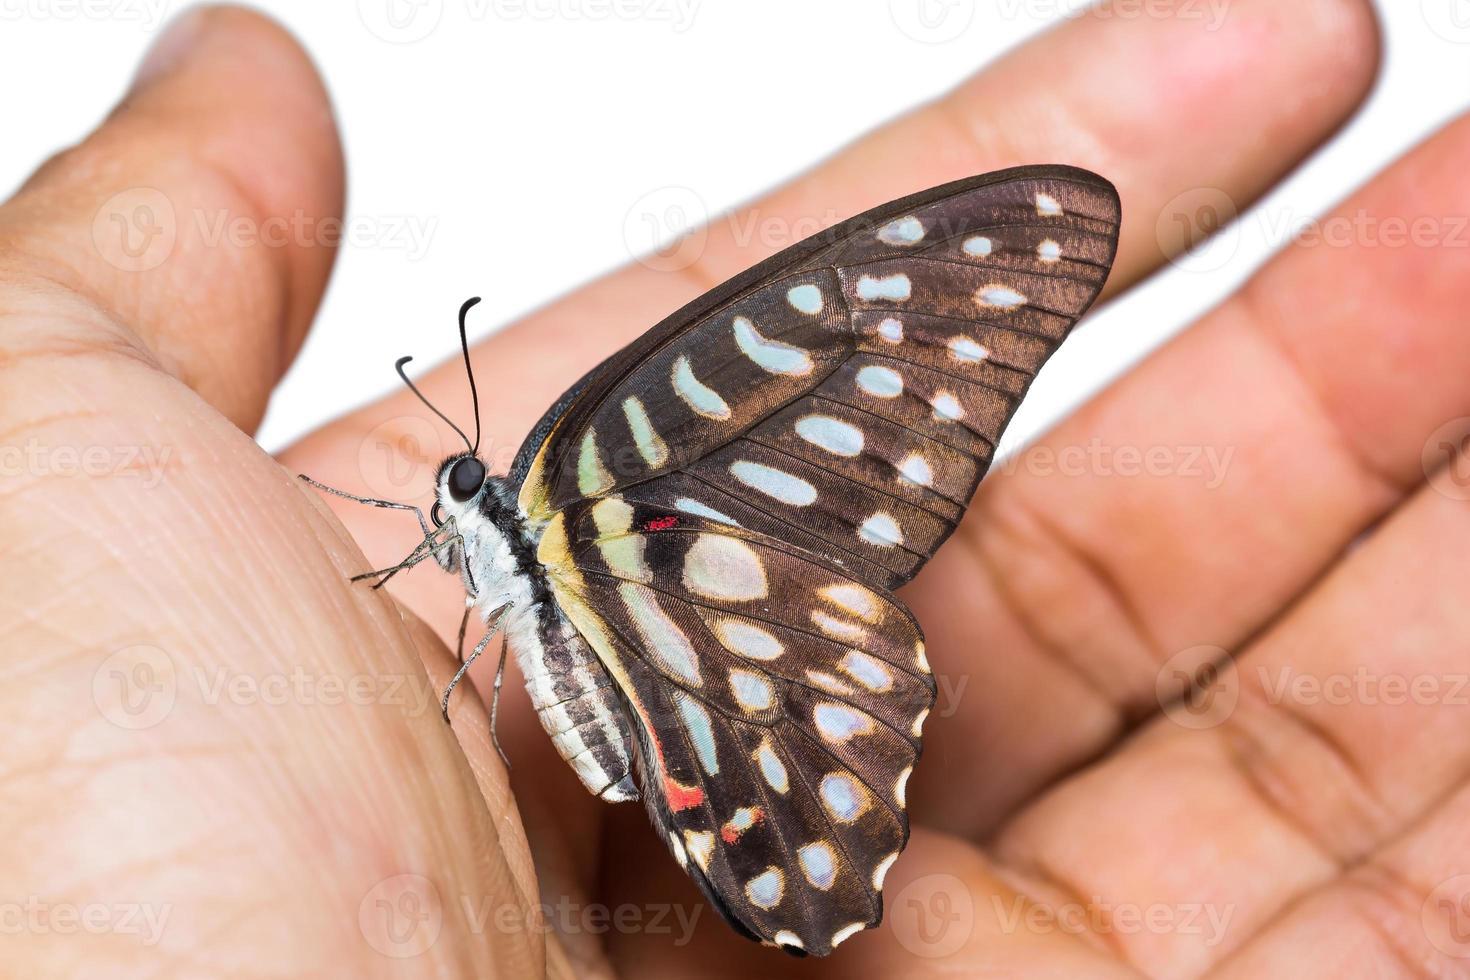 gevlekte gaai vlinder foto